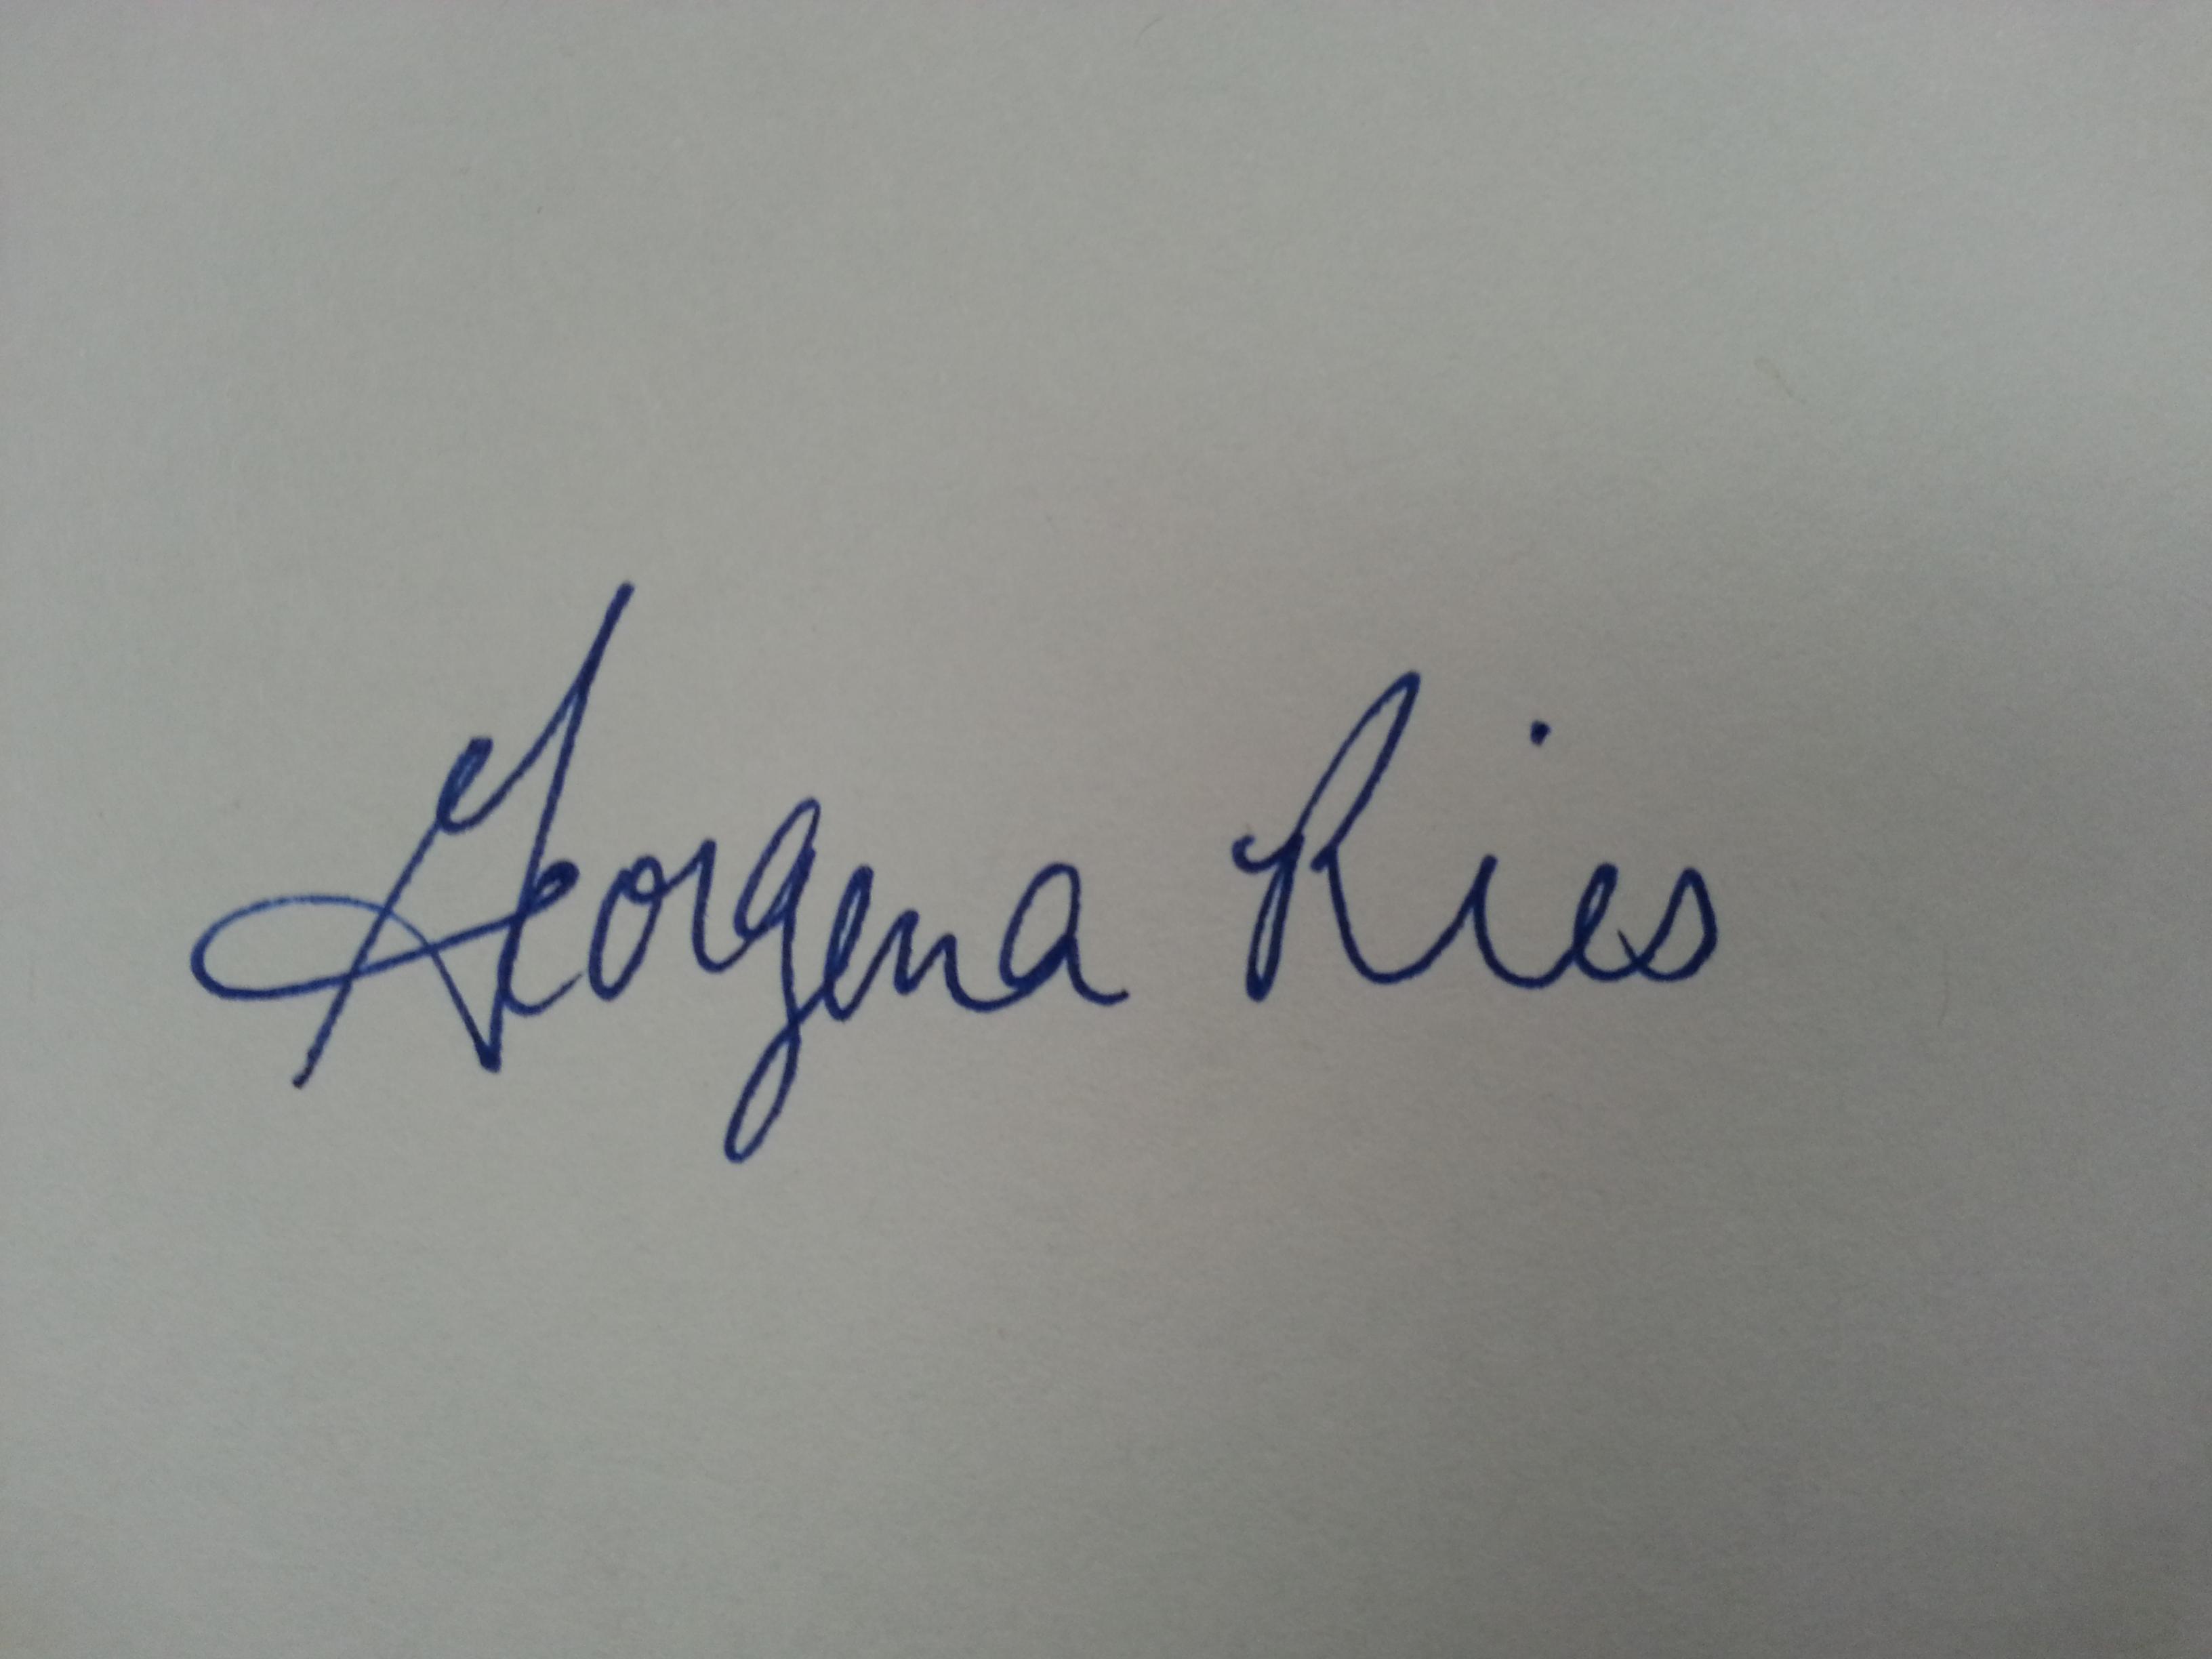 Gena Ries's Signature